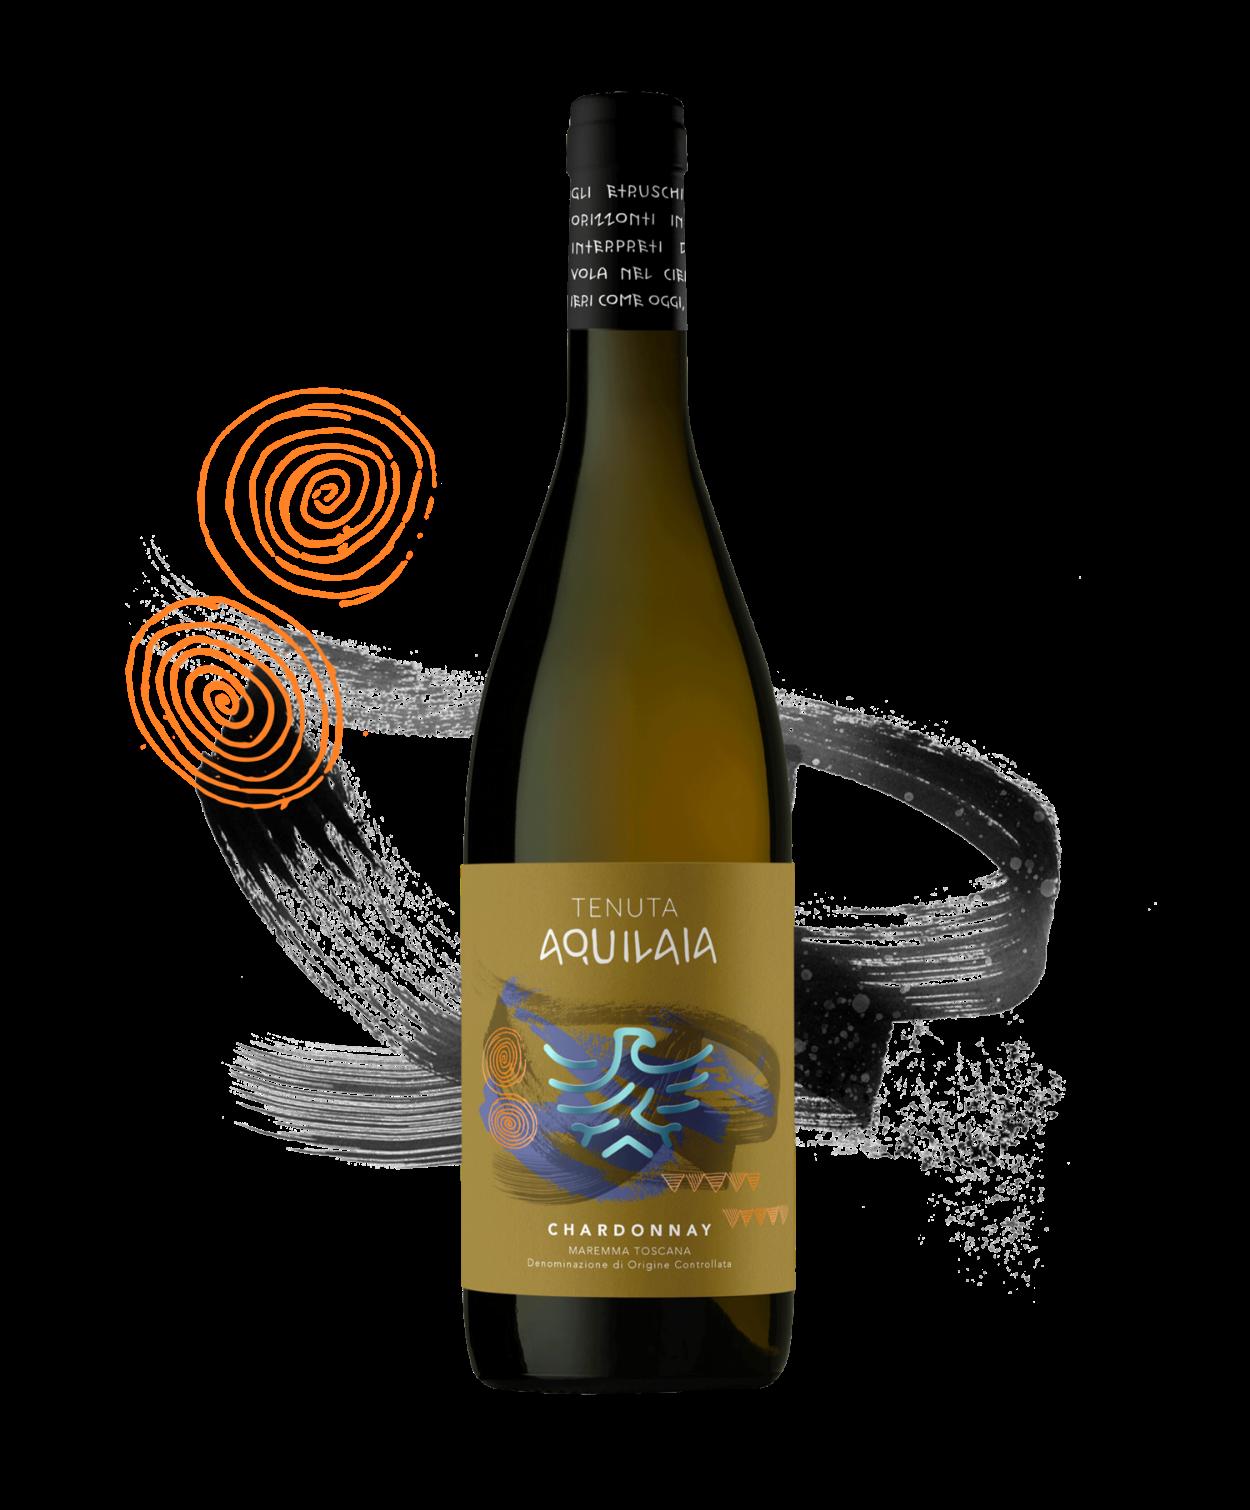 Lo Chardonnay di Tenuta Aquilaia, IGT Maremma Toscana